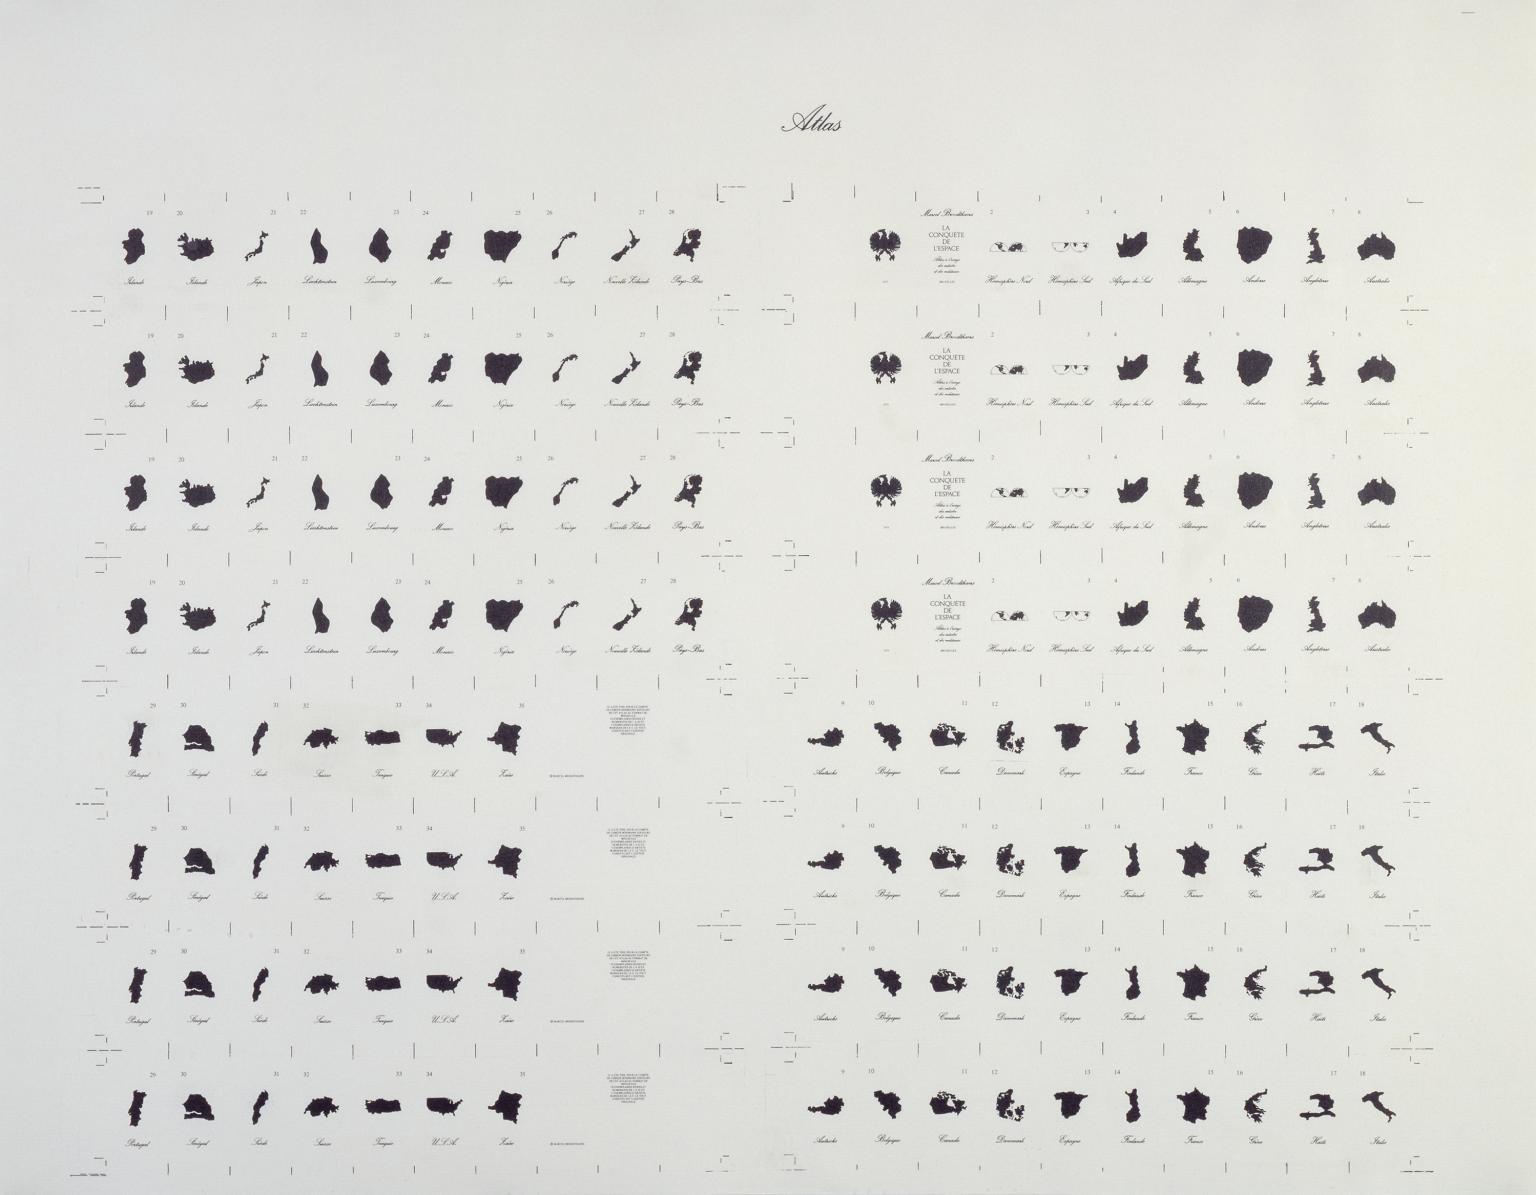 Marcel Broodthaers, Atlas (1975)